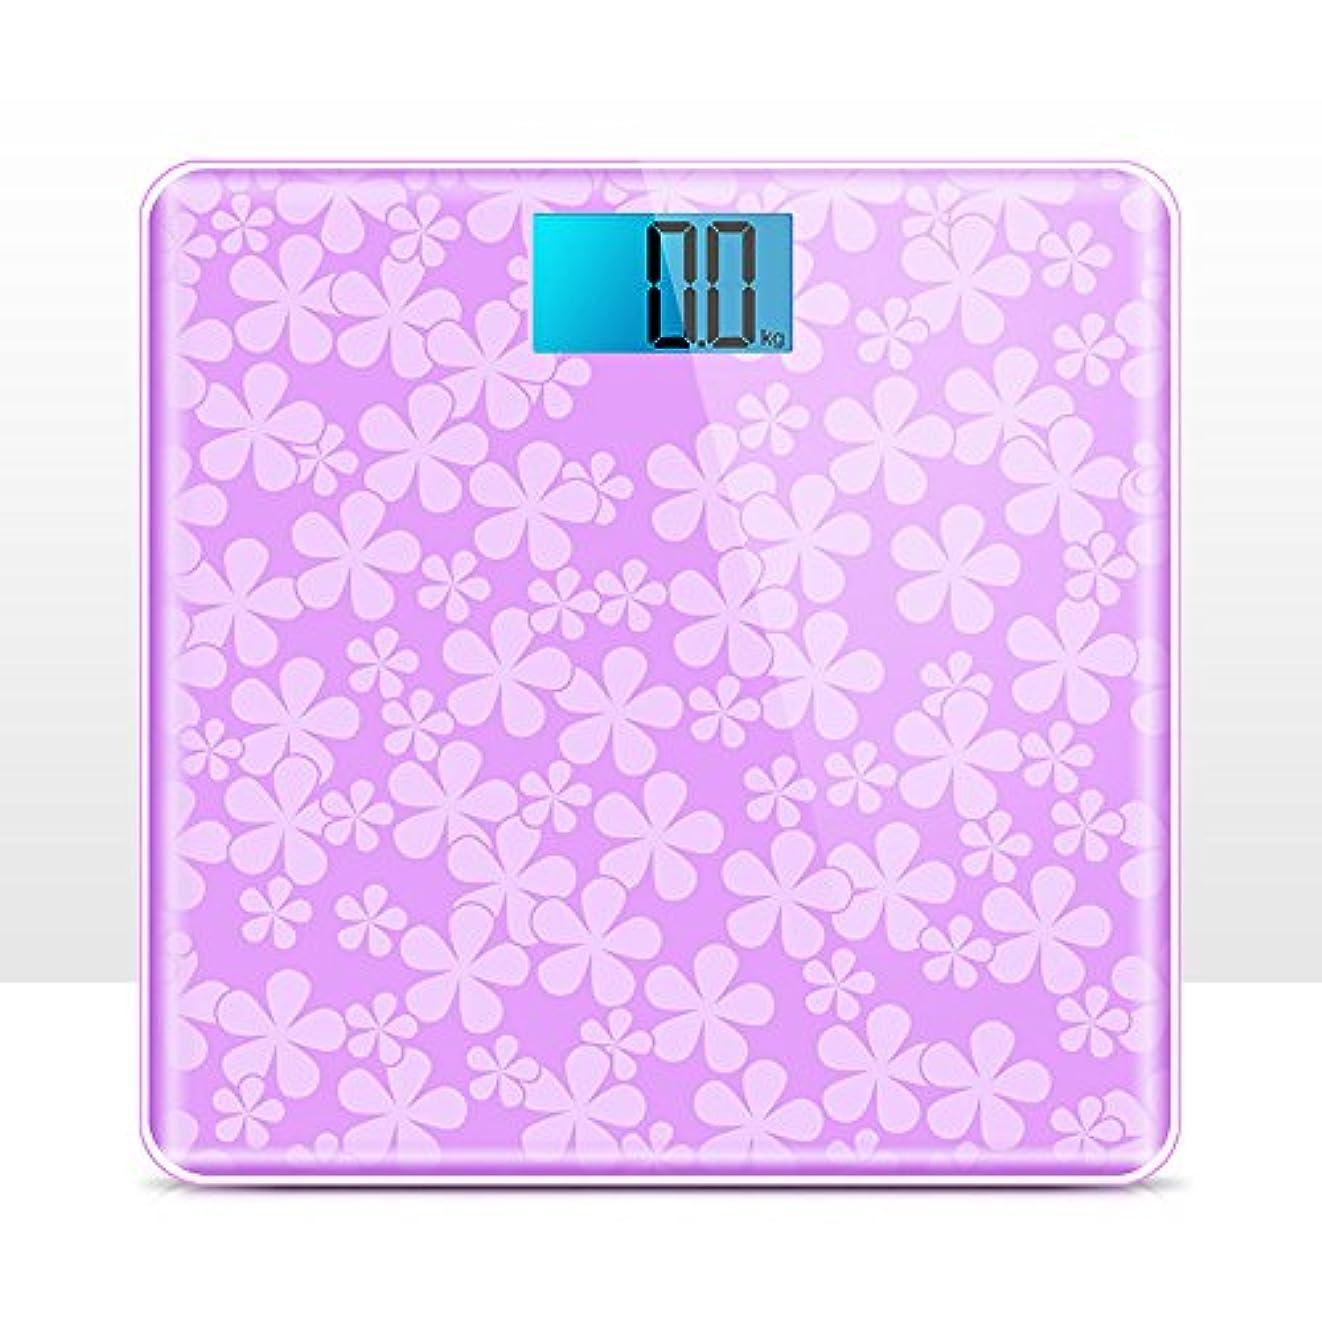 する必要がある安いですラウンジSYF 体重計 LCDモニター電子スケール体重計家計健康スケールラウンドスケール体重計180kg 300x310x35mm